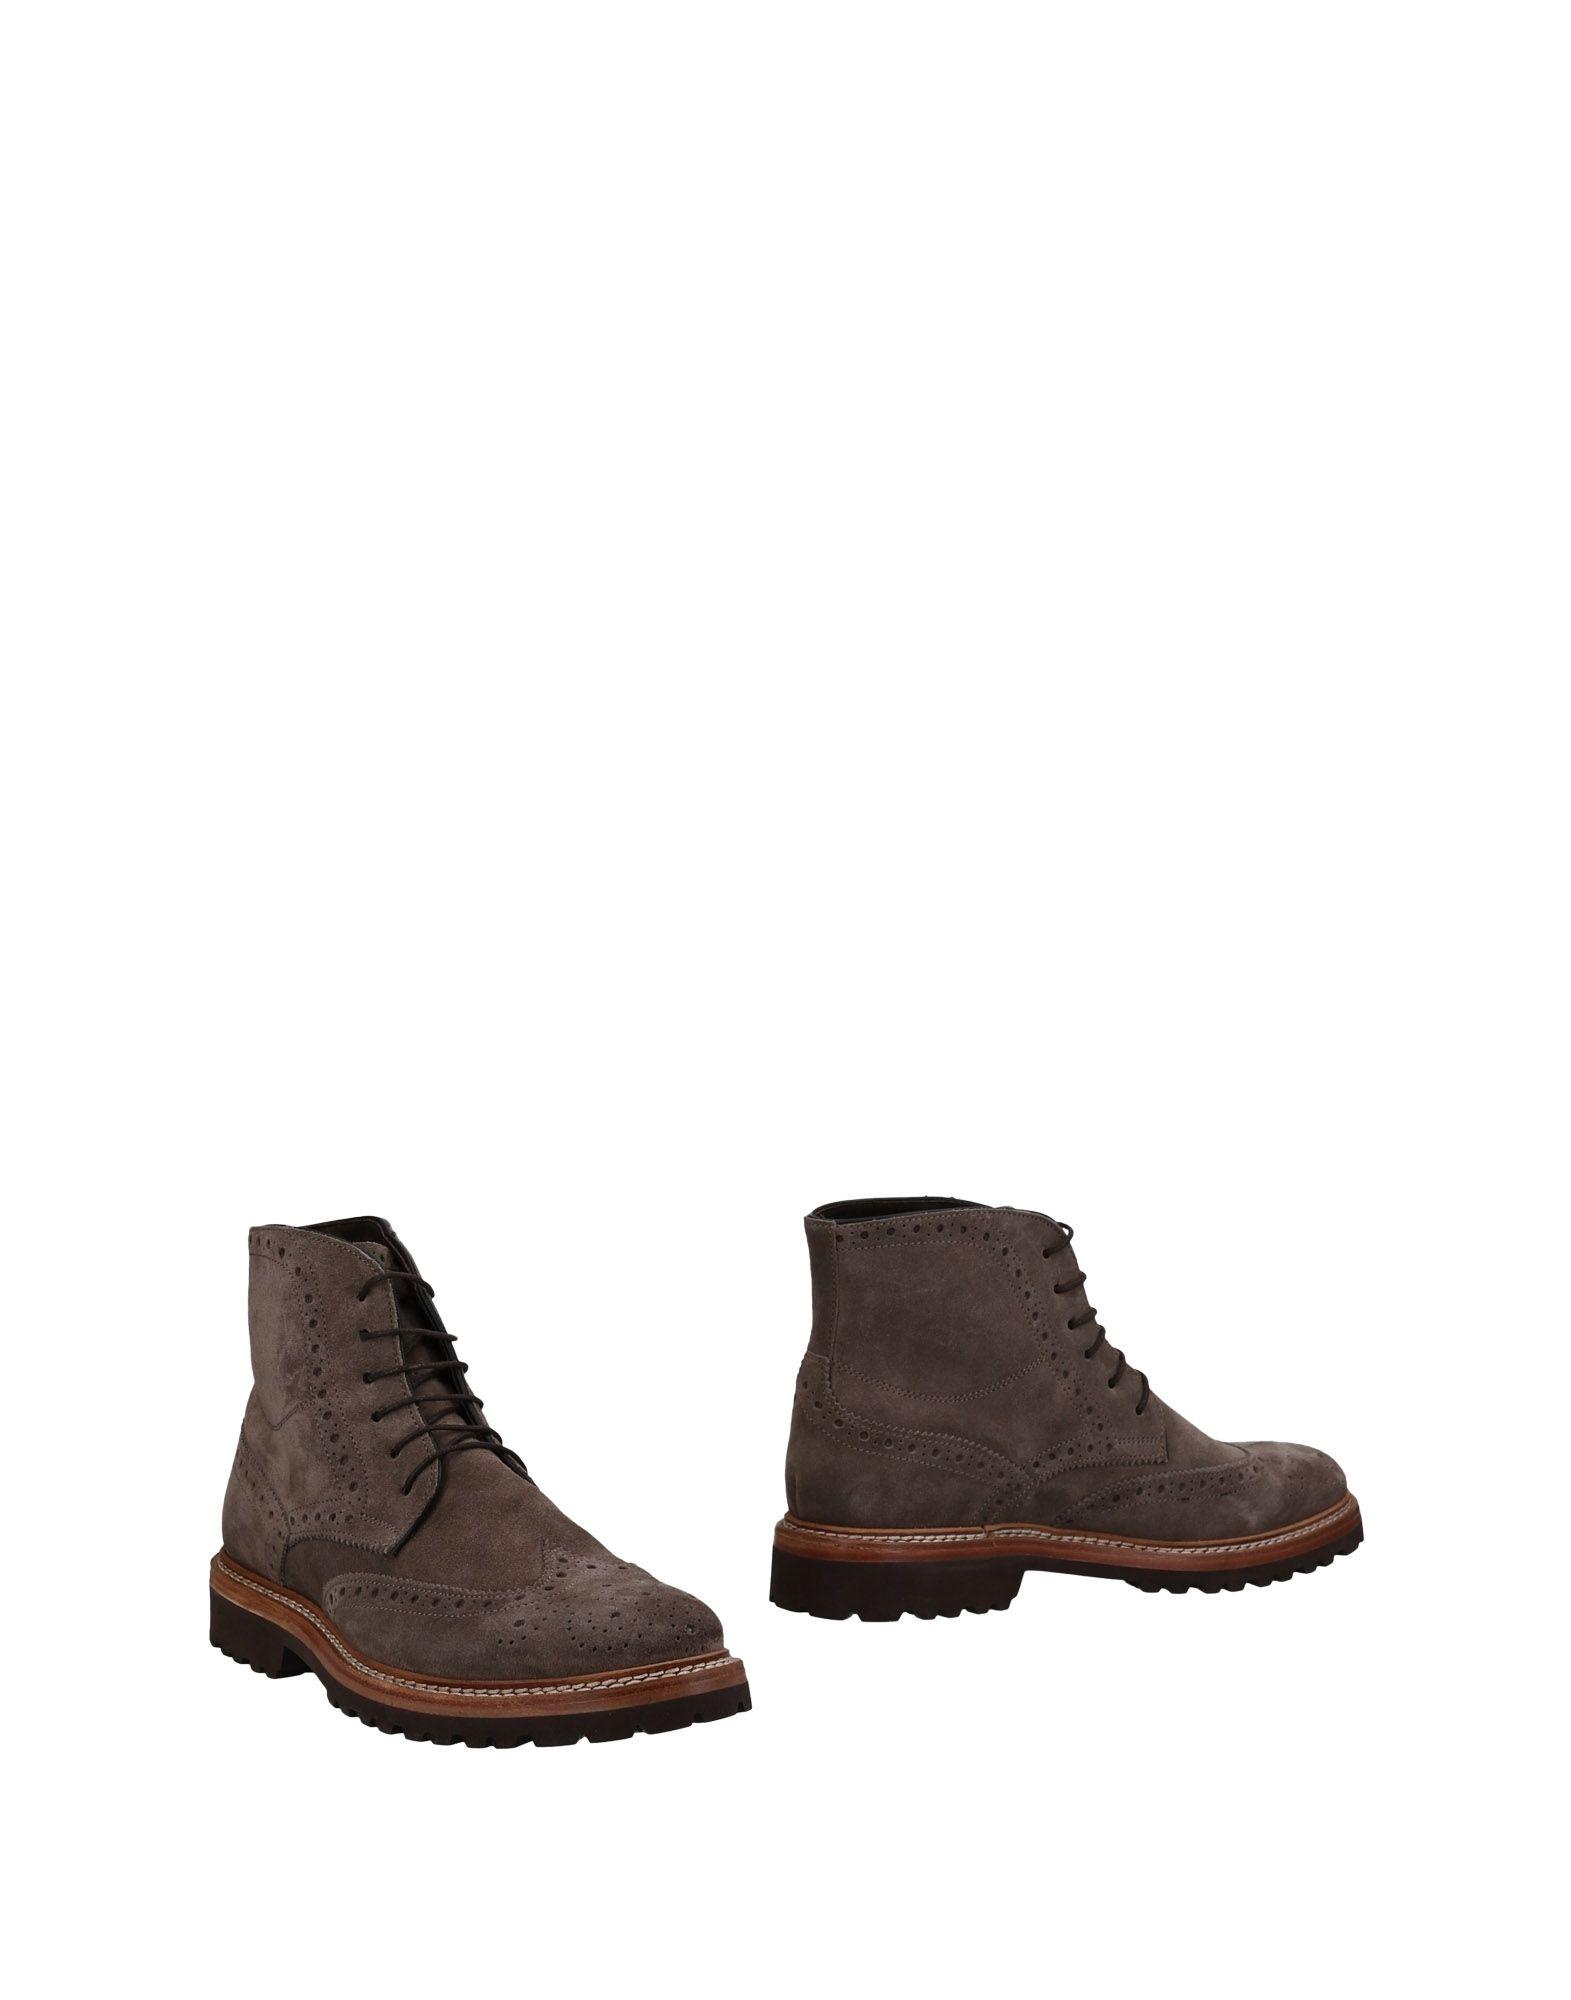 Bottine - Citta' Di Milano Homme - Bottine Bottines Citta' Di Milano  Gris Nouvelles chaussures pour hommes et femmes, remise limitée dans le temps 519497